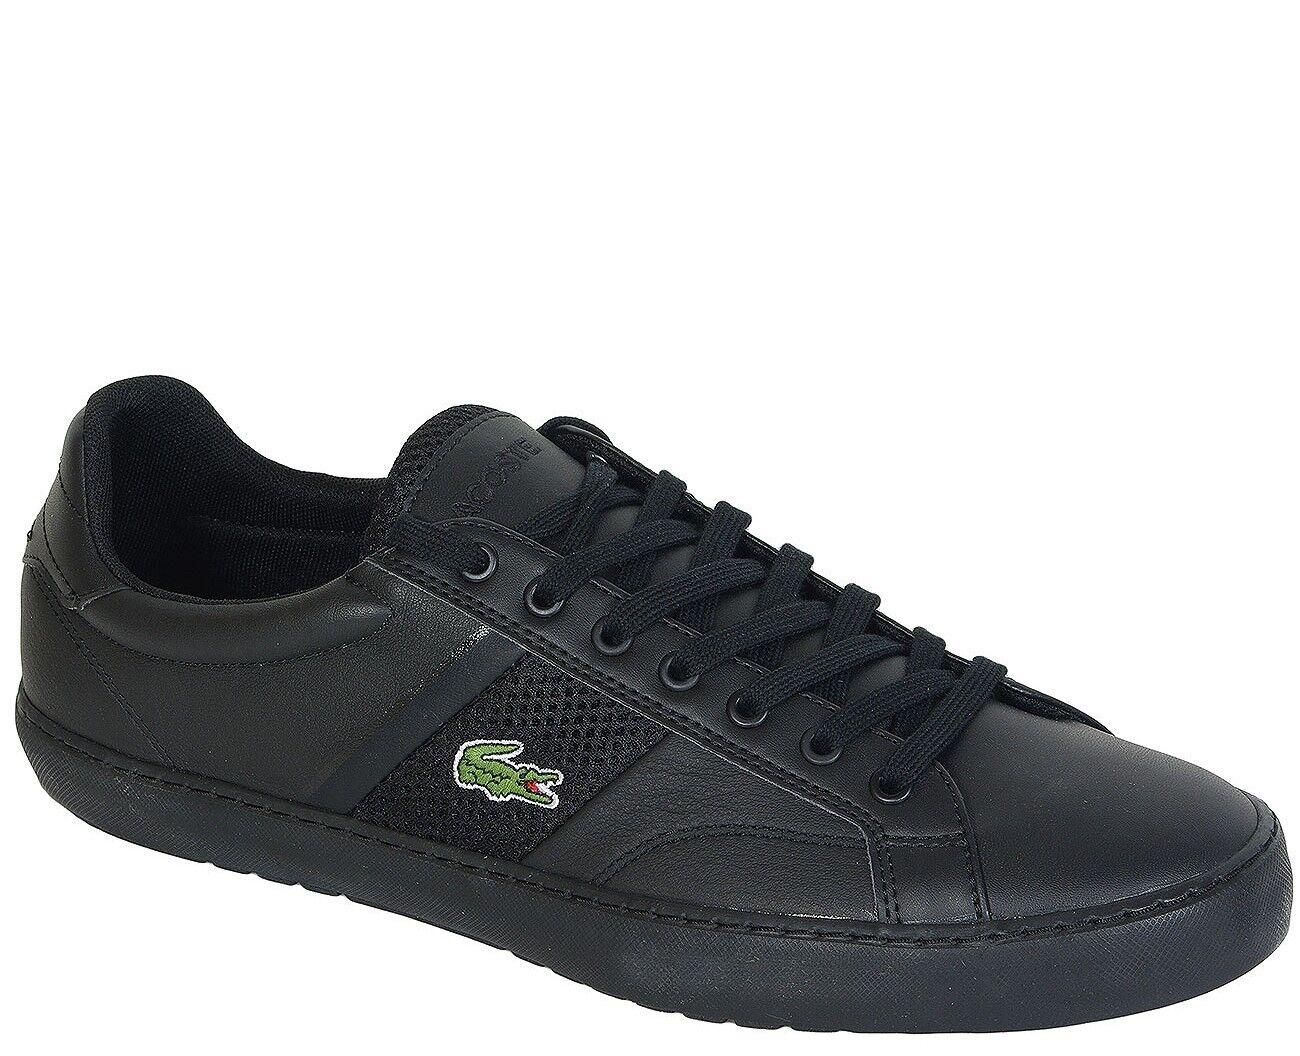 Lacoste SALE sneakers  FAIRLEAD TERRA 316 1 SPM BLK LTH/SYN